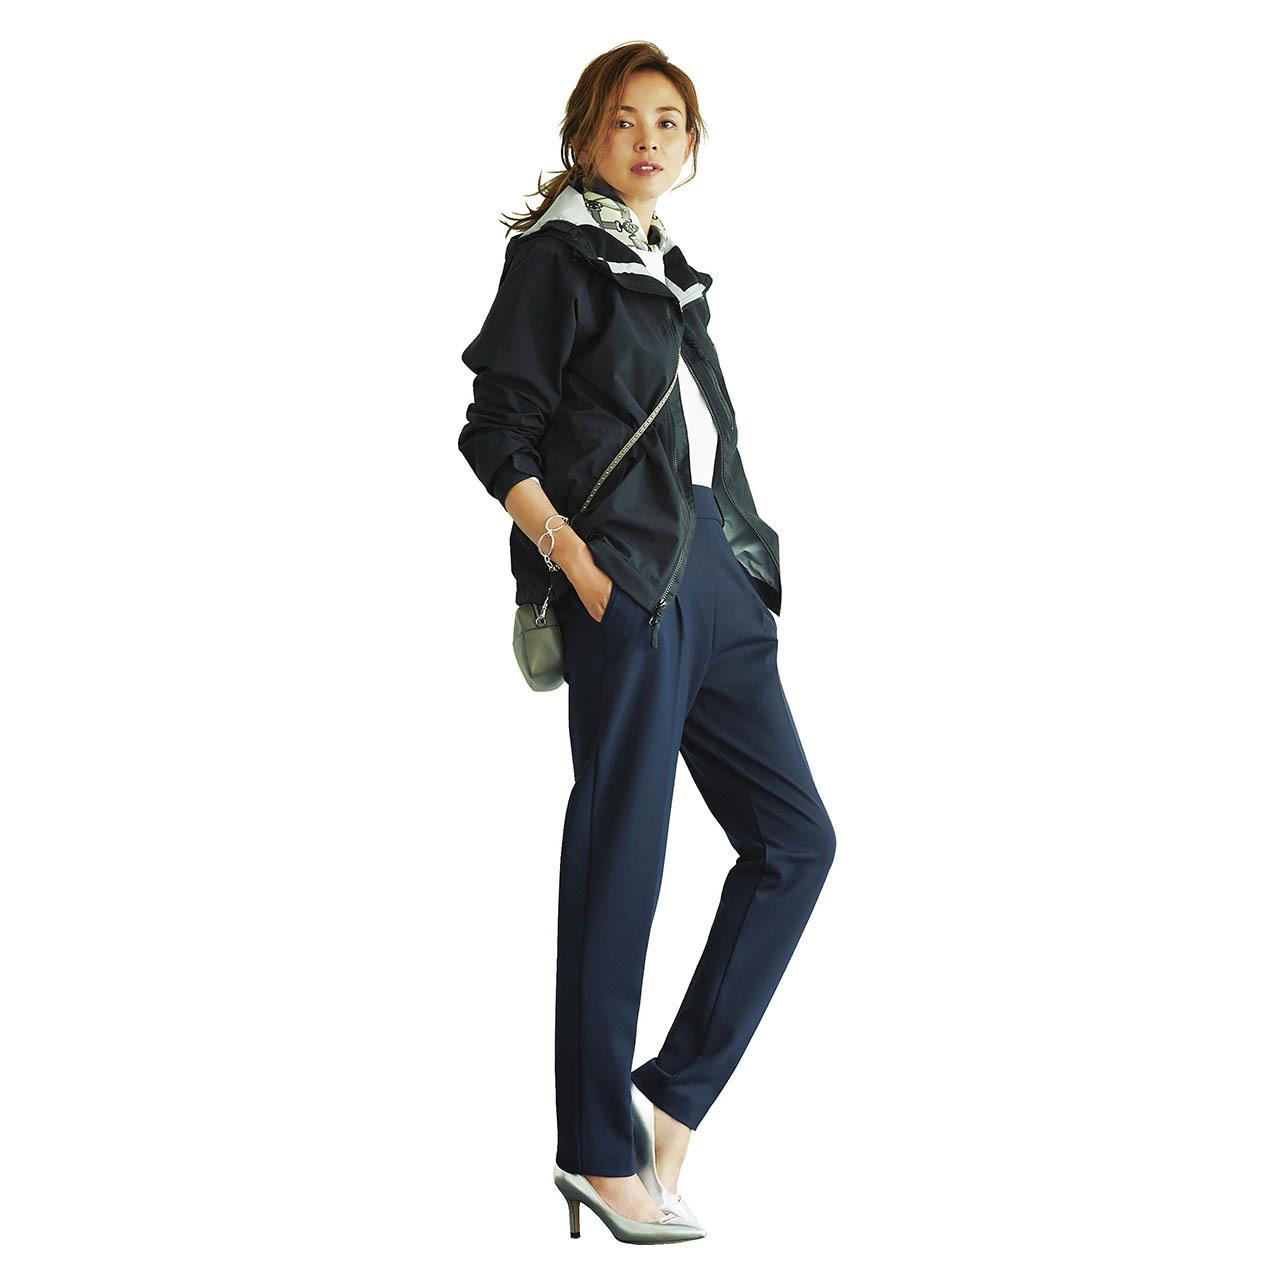 ジャケット×パンツのファッションコーデ